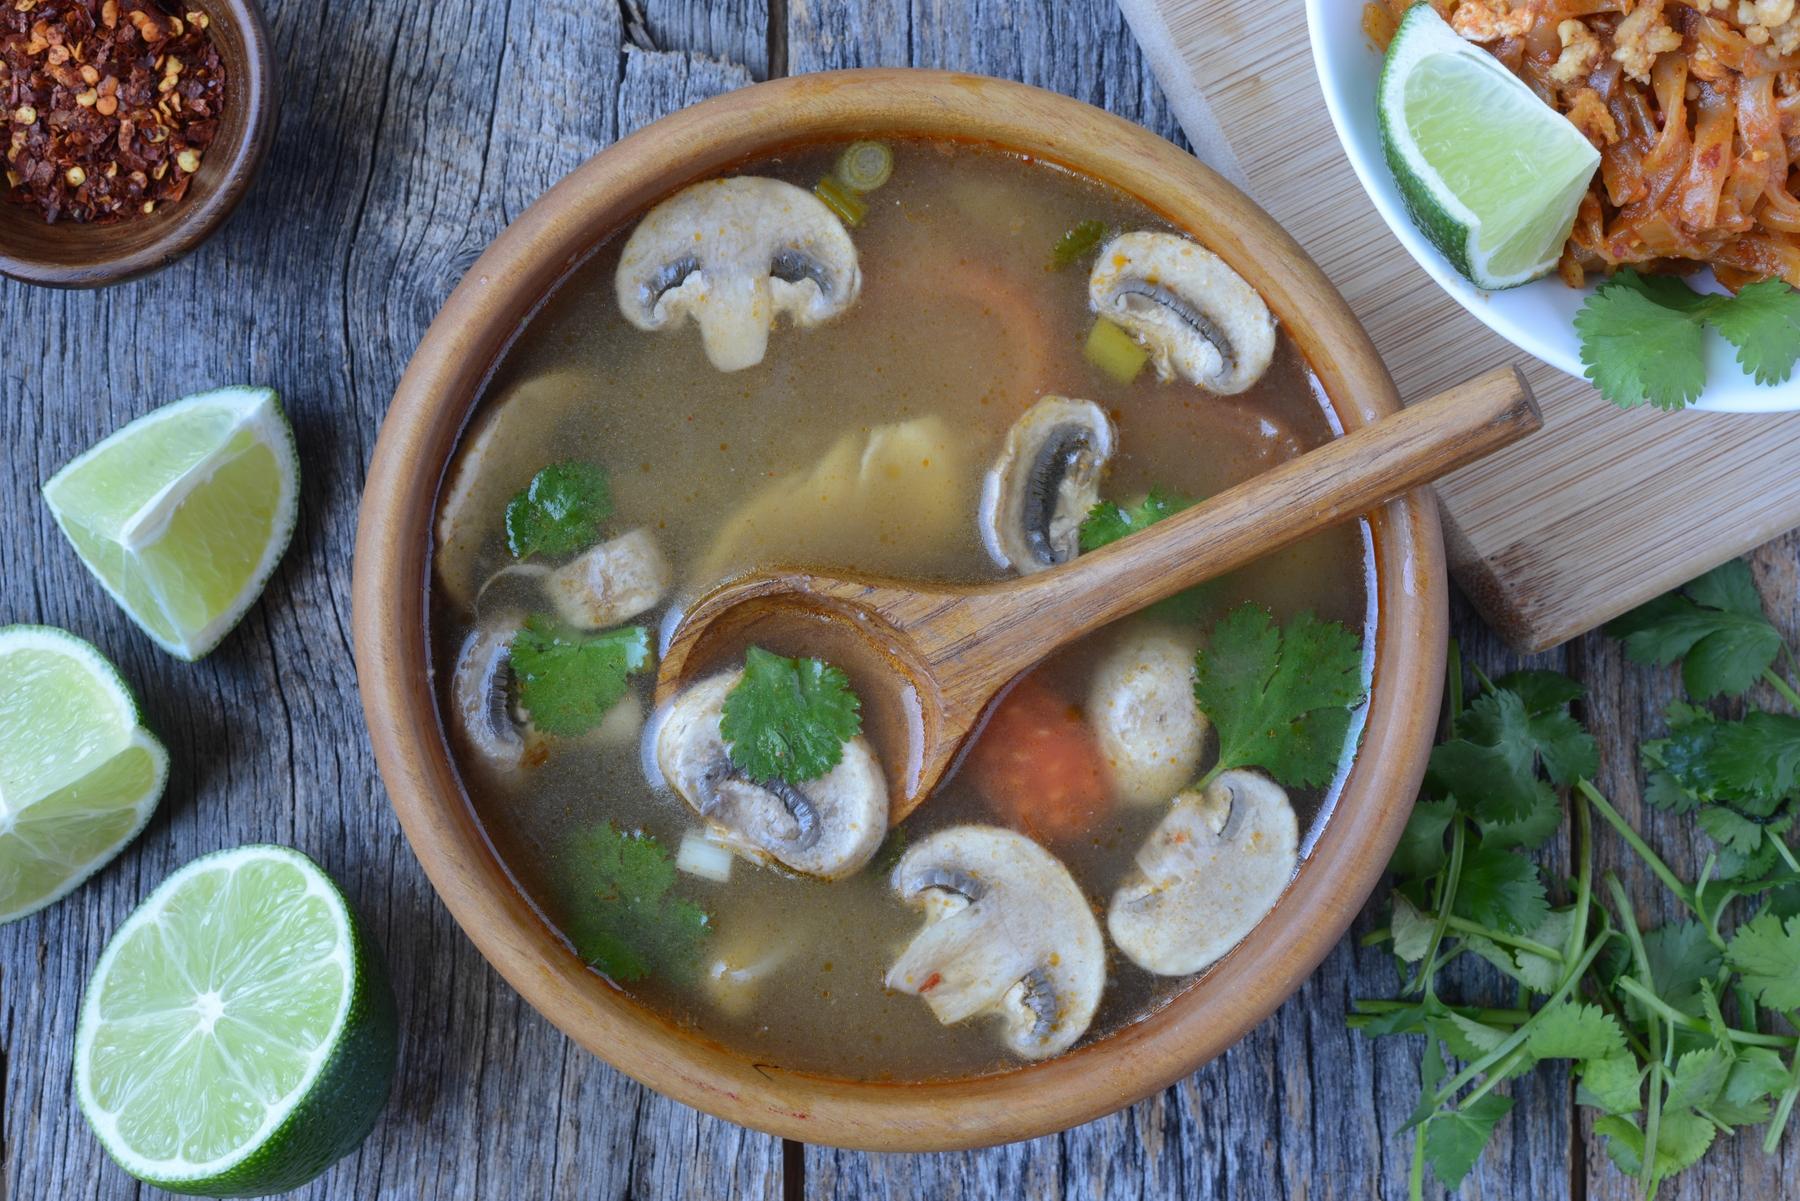 samgyetang çorbası kore yemeği